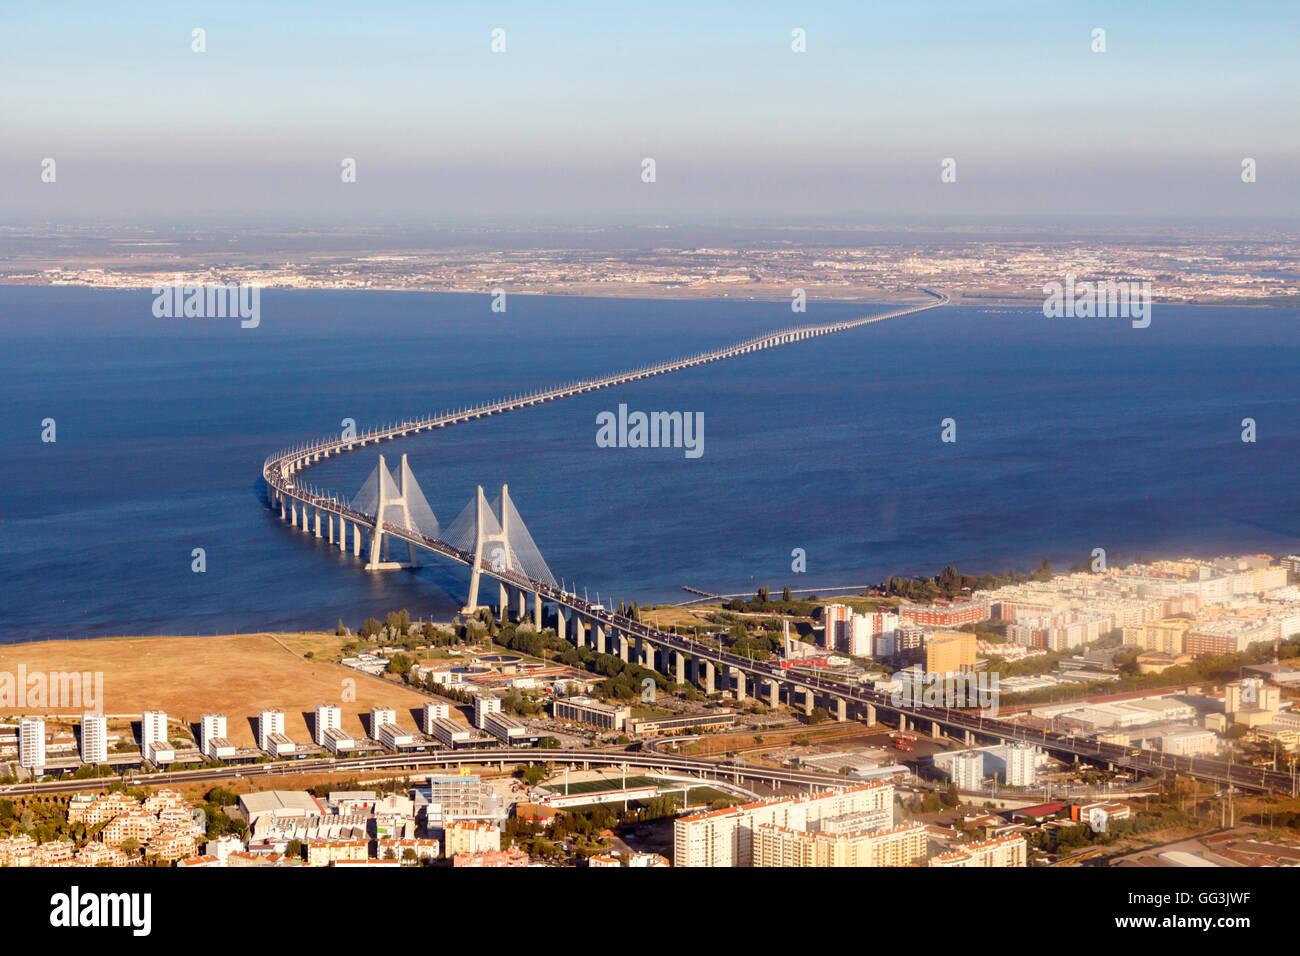 Le pont Vasco da Gama est un pont à haubans flanquée de viaducs et rangeviews qui enjambe le Tage dans la région de Parque das Na Banque D'Images